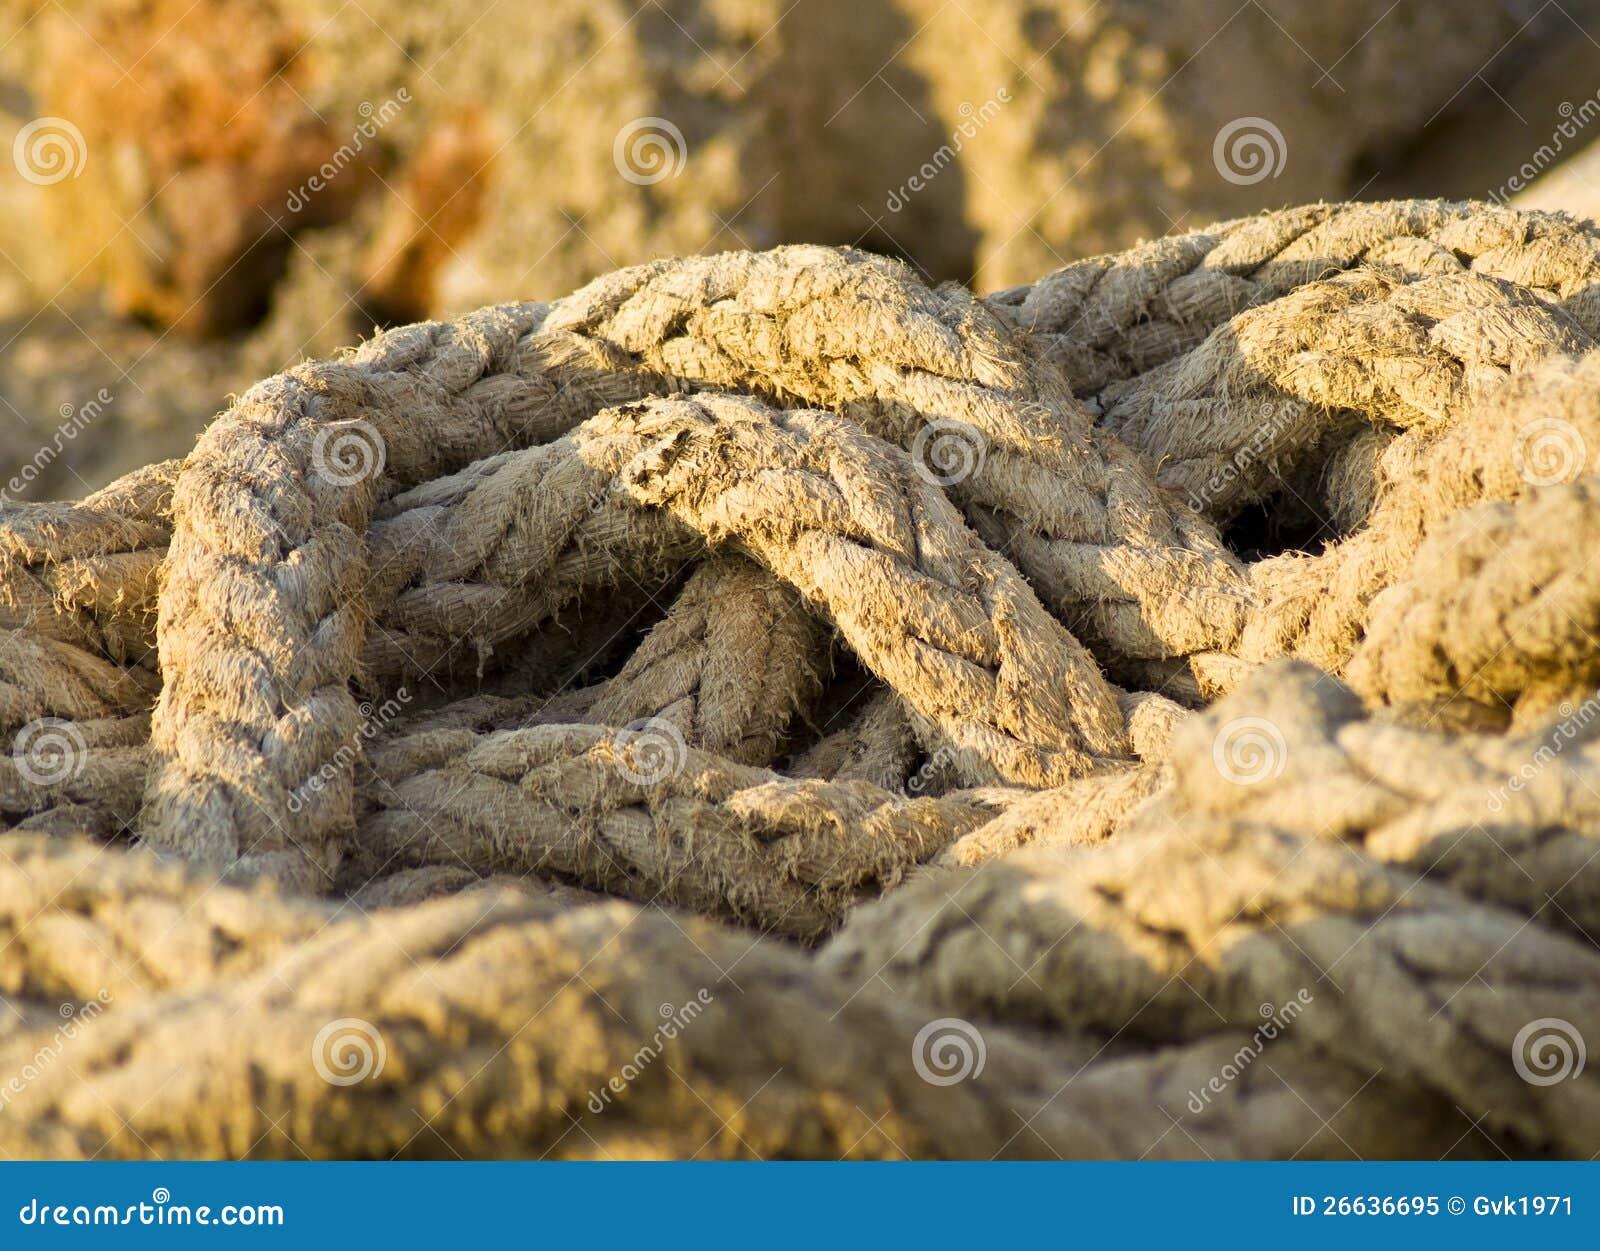 Old Marine Rope Royalty Free Stock Photo - Image: 26636695